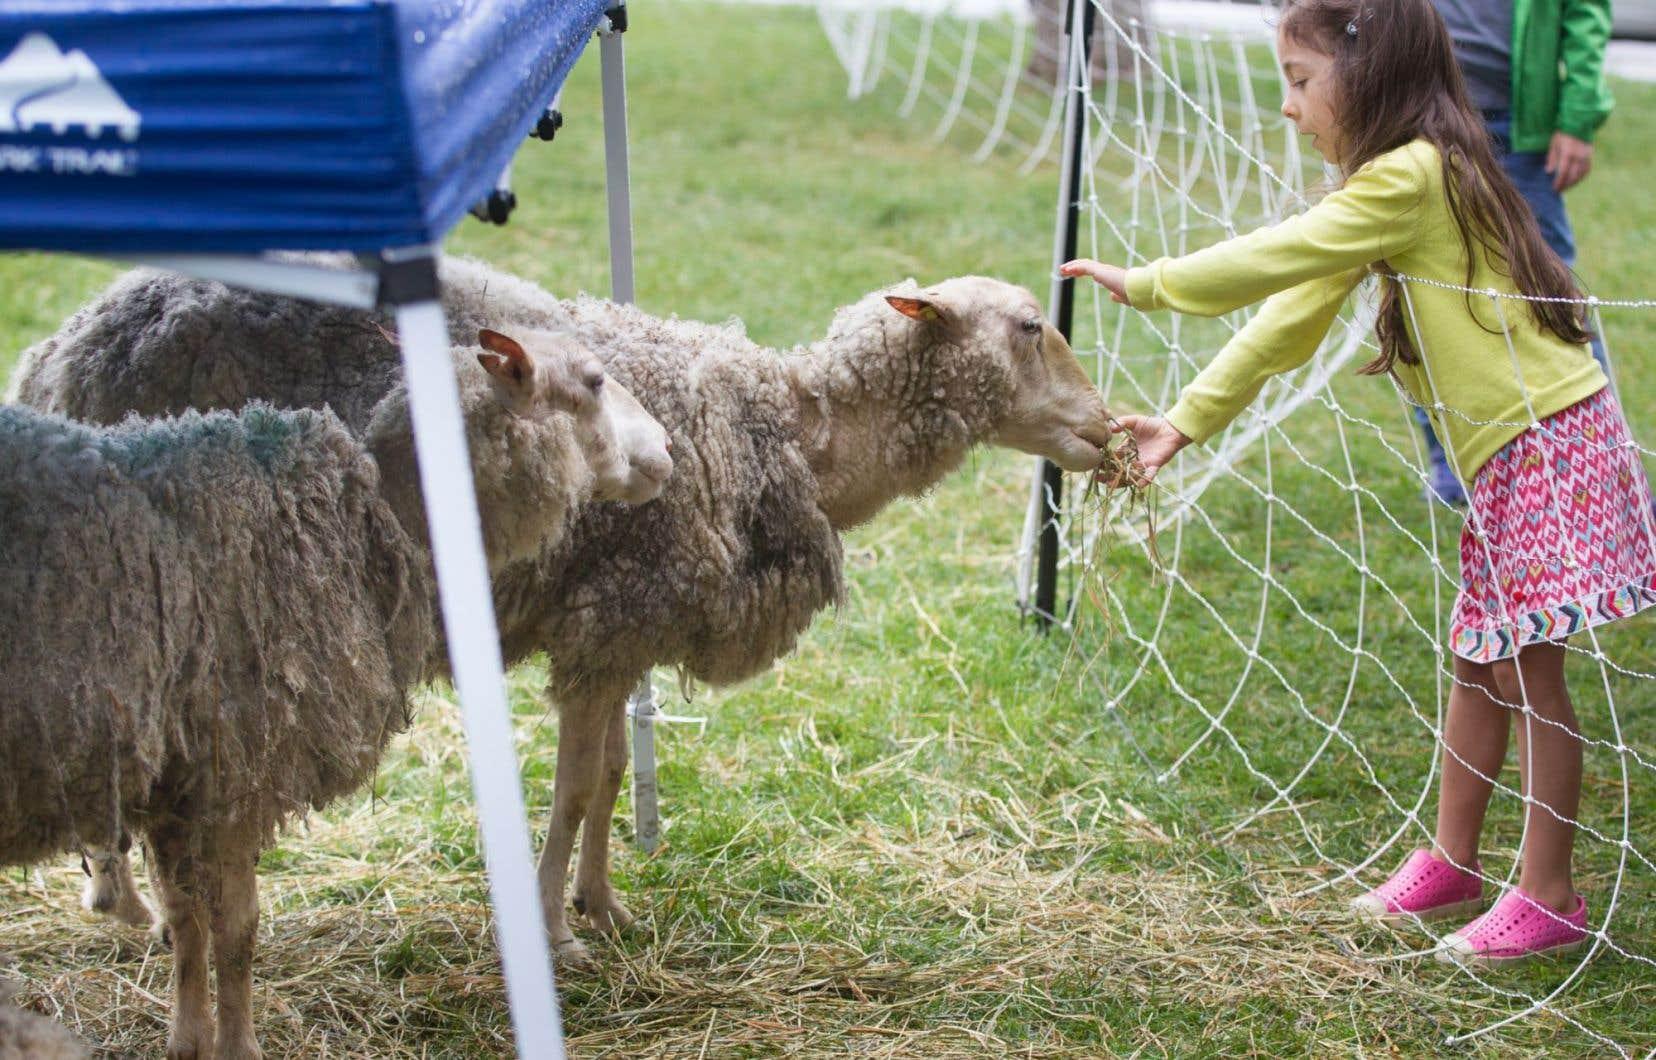 Si des moutons remplacent les tondeuses dans le parc du Pélican à Rosemont, c'est notamment grâce aux 5000 $ versés par 98 citoyens ravis par ce projet d'écopâturage urbain.